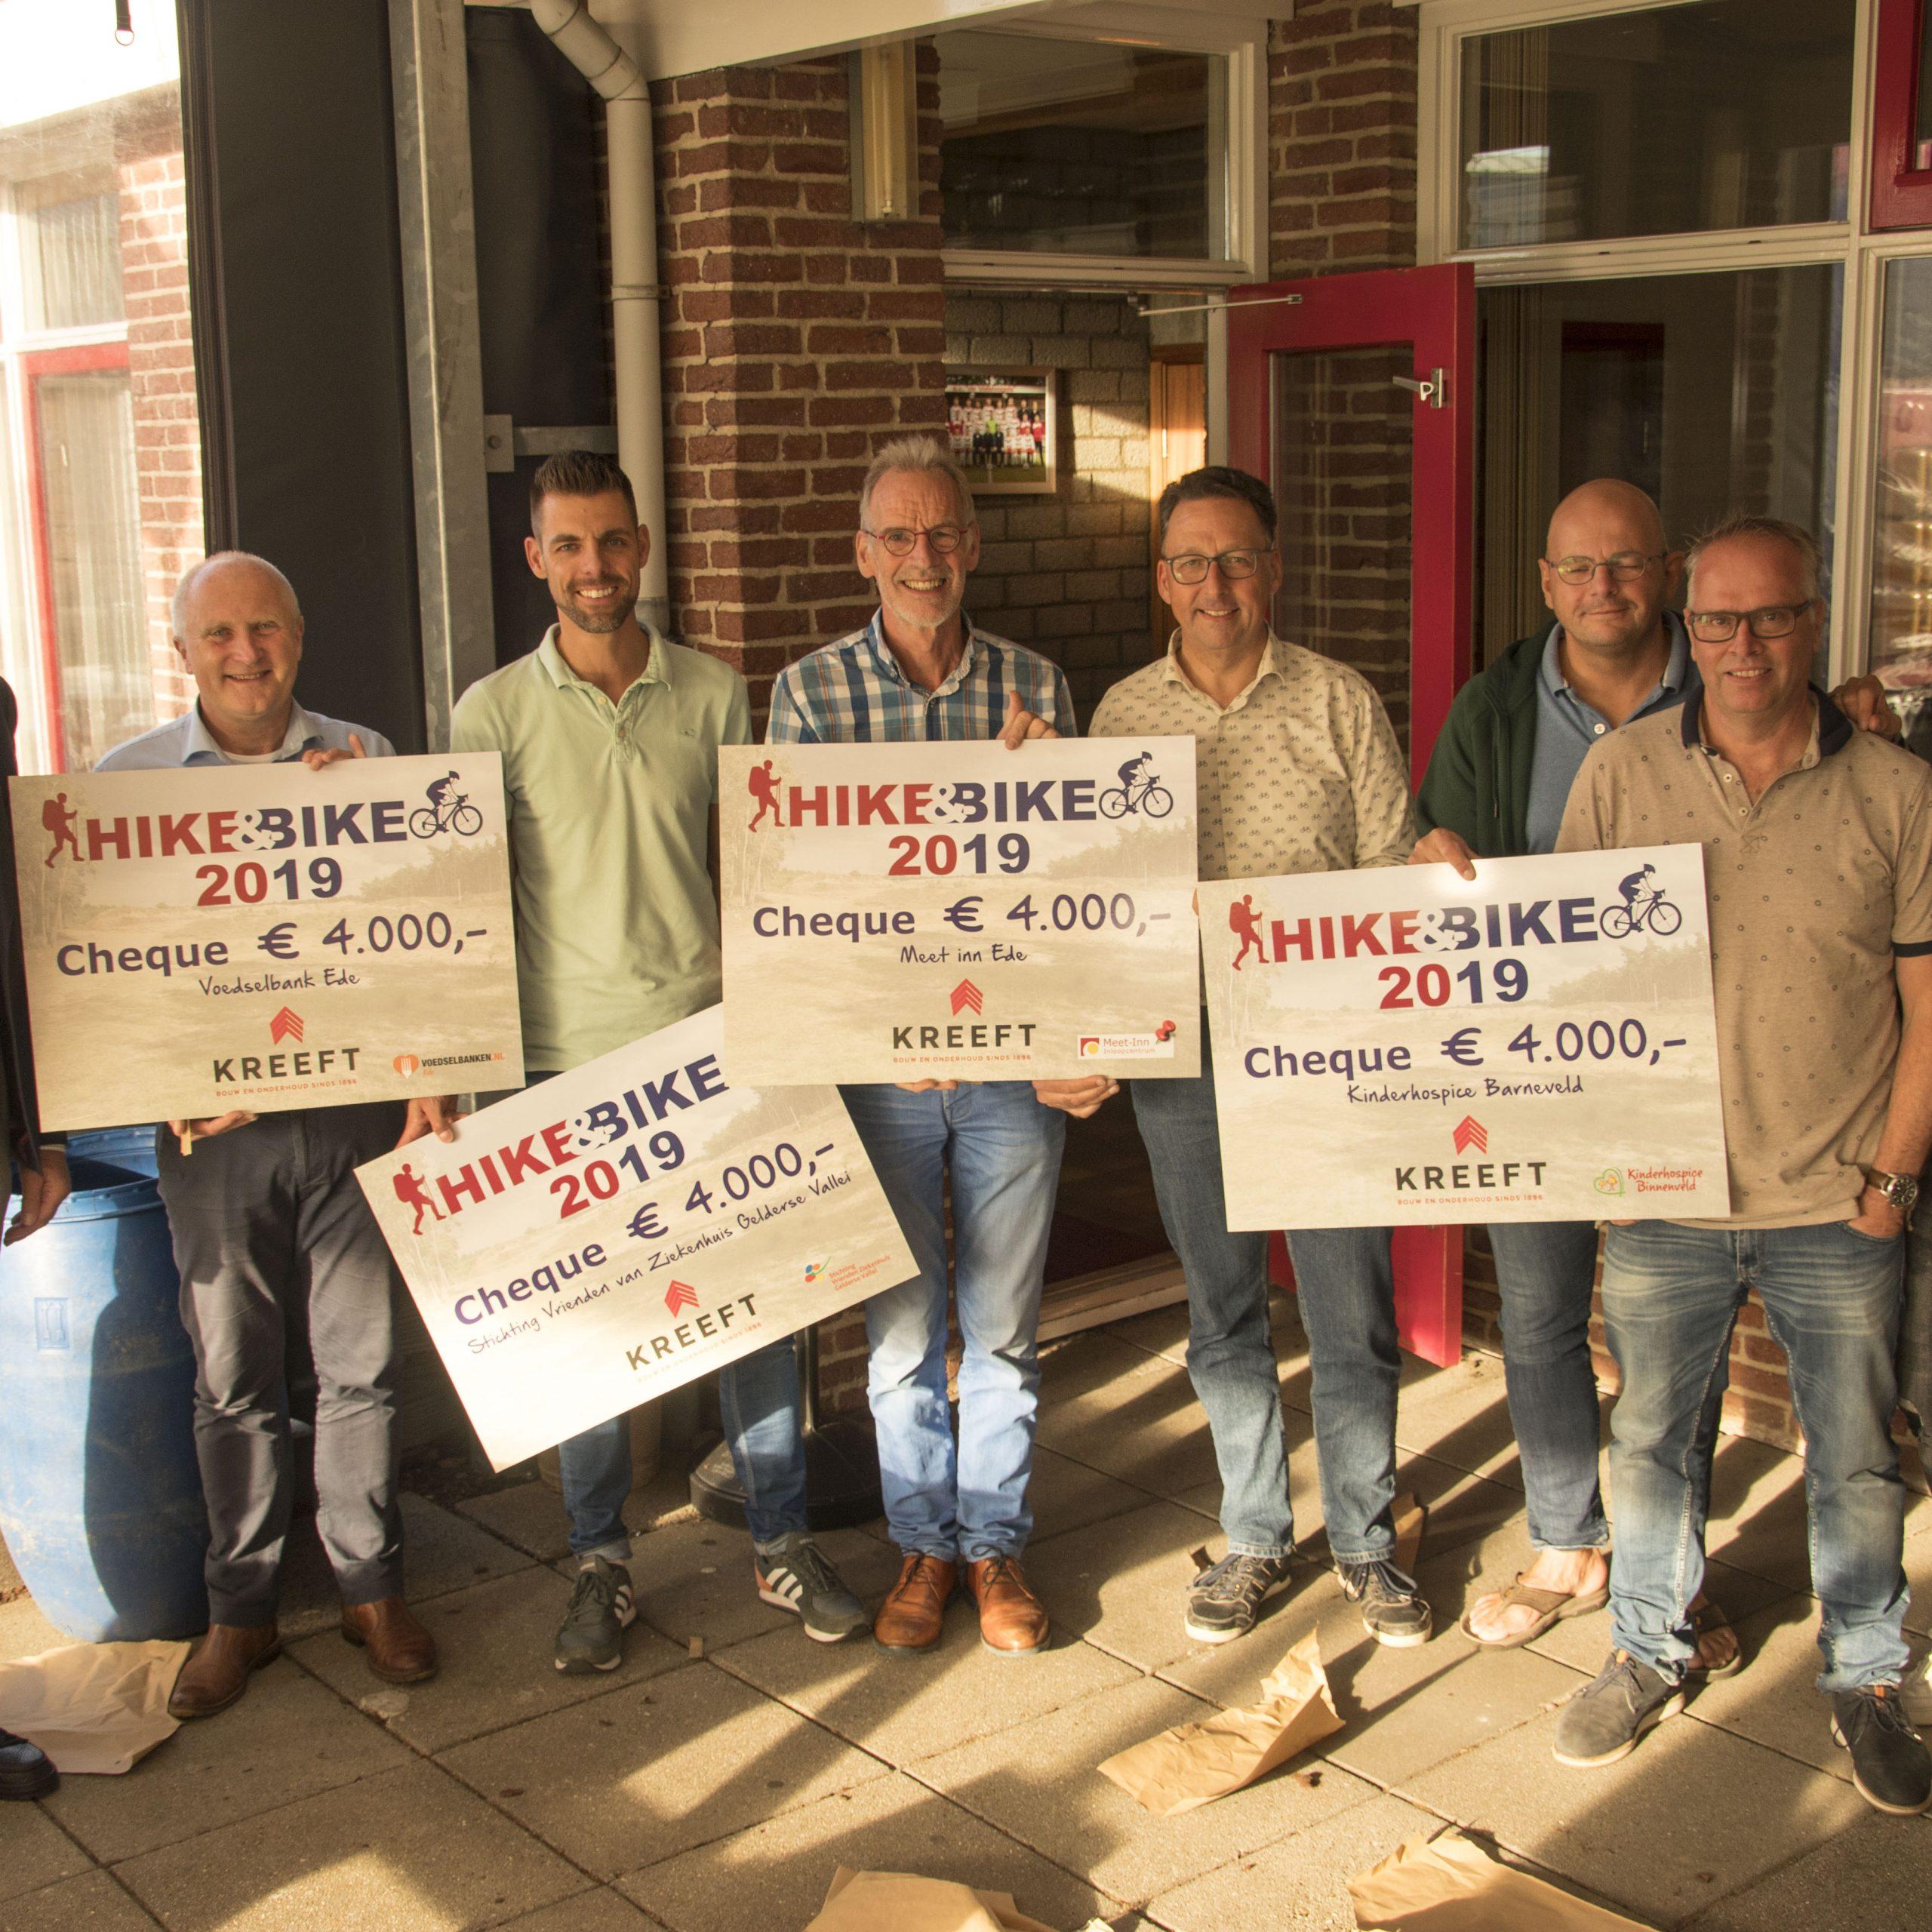 Meet-Inn-voorzitter Klaas Kopinga en penningmeester Joost Verbakel met de andere ontvangers van een cheque